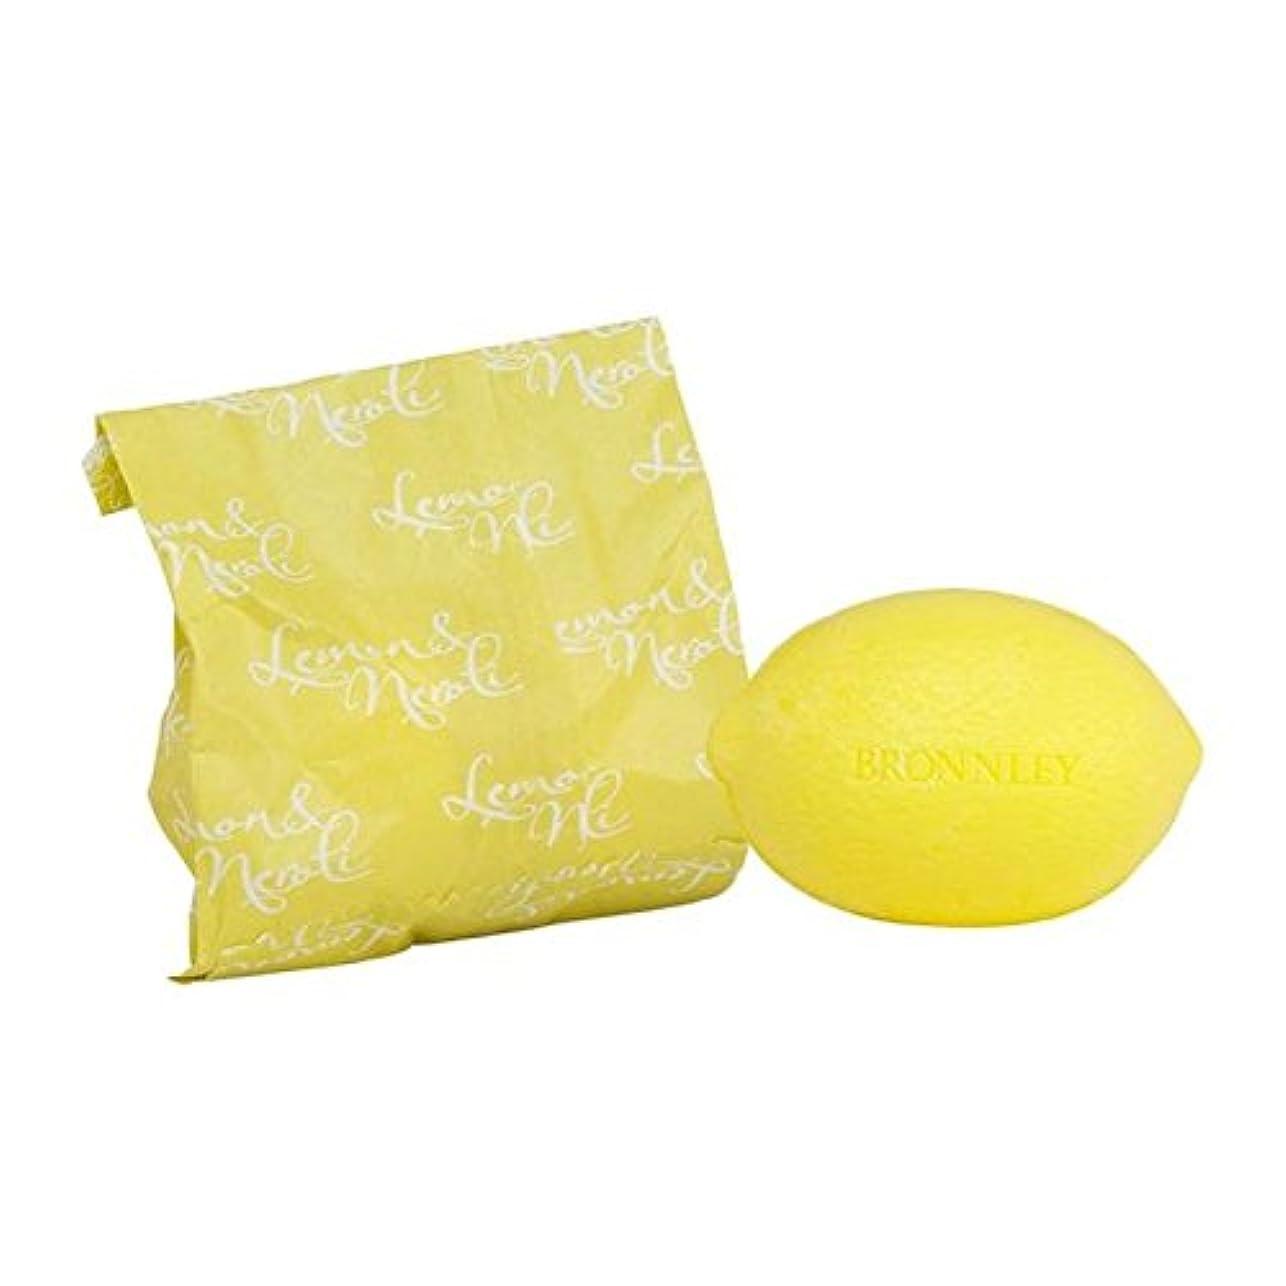 に応じてトランザクションラバBronnley Lemon & Neroli Soap 100g - レモン&ネロリ石鹸100グラム [並行輸入品]